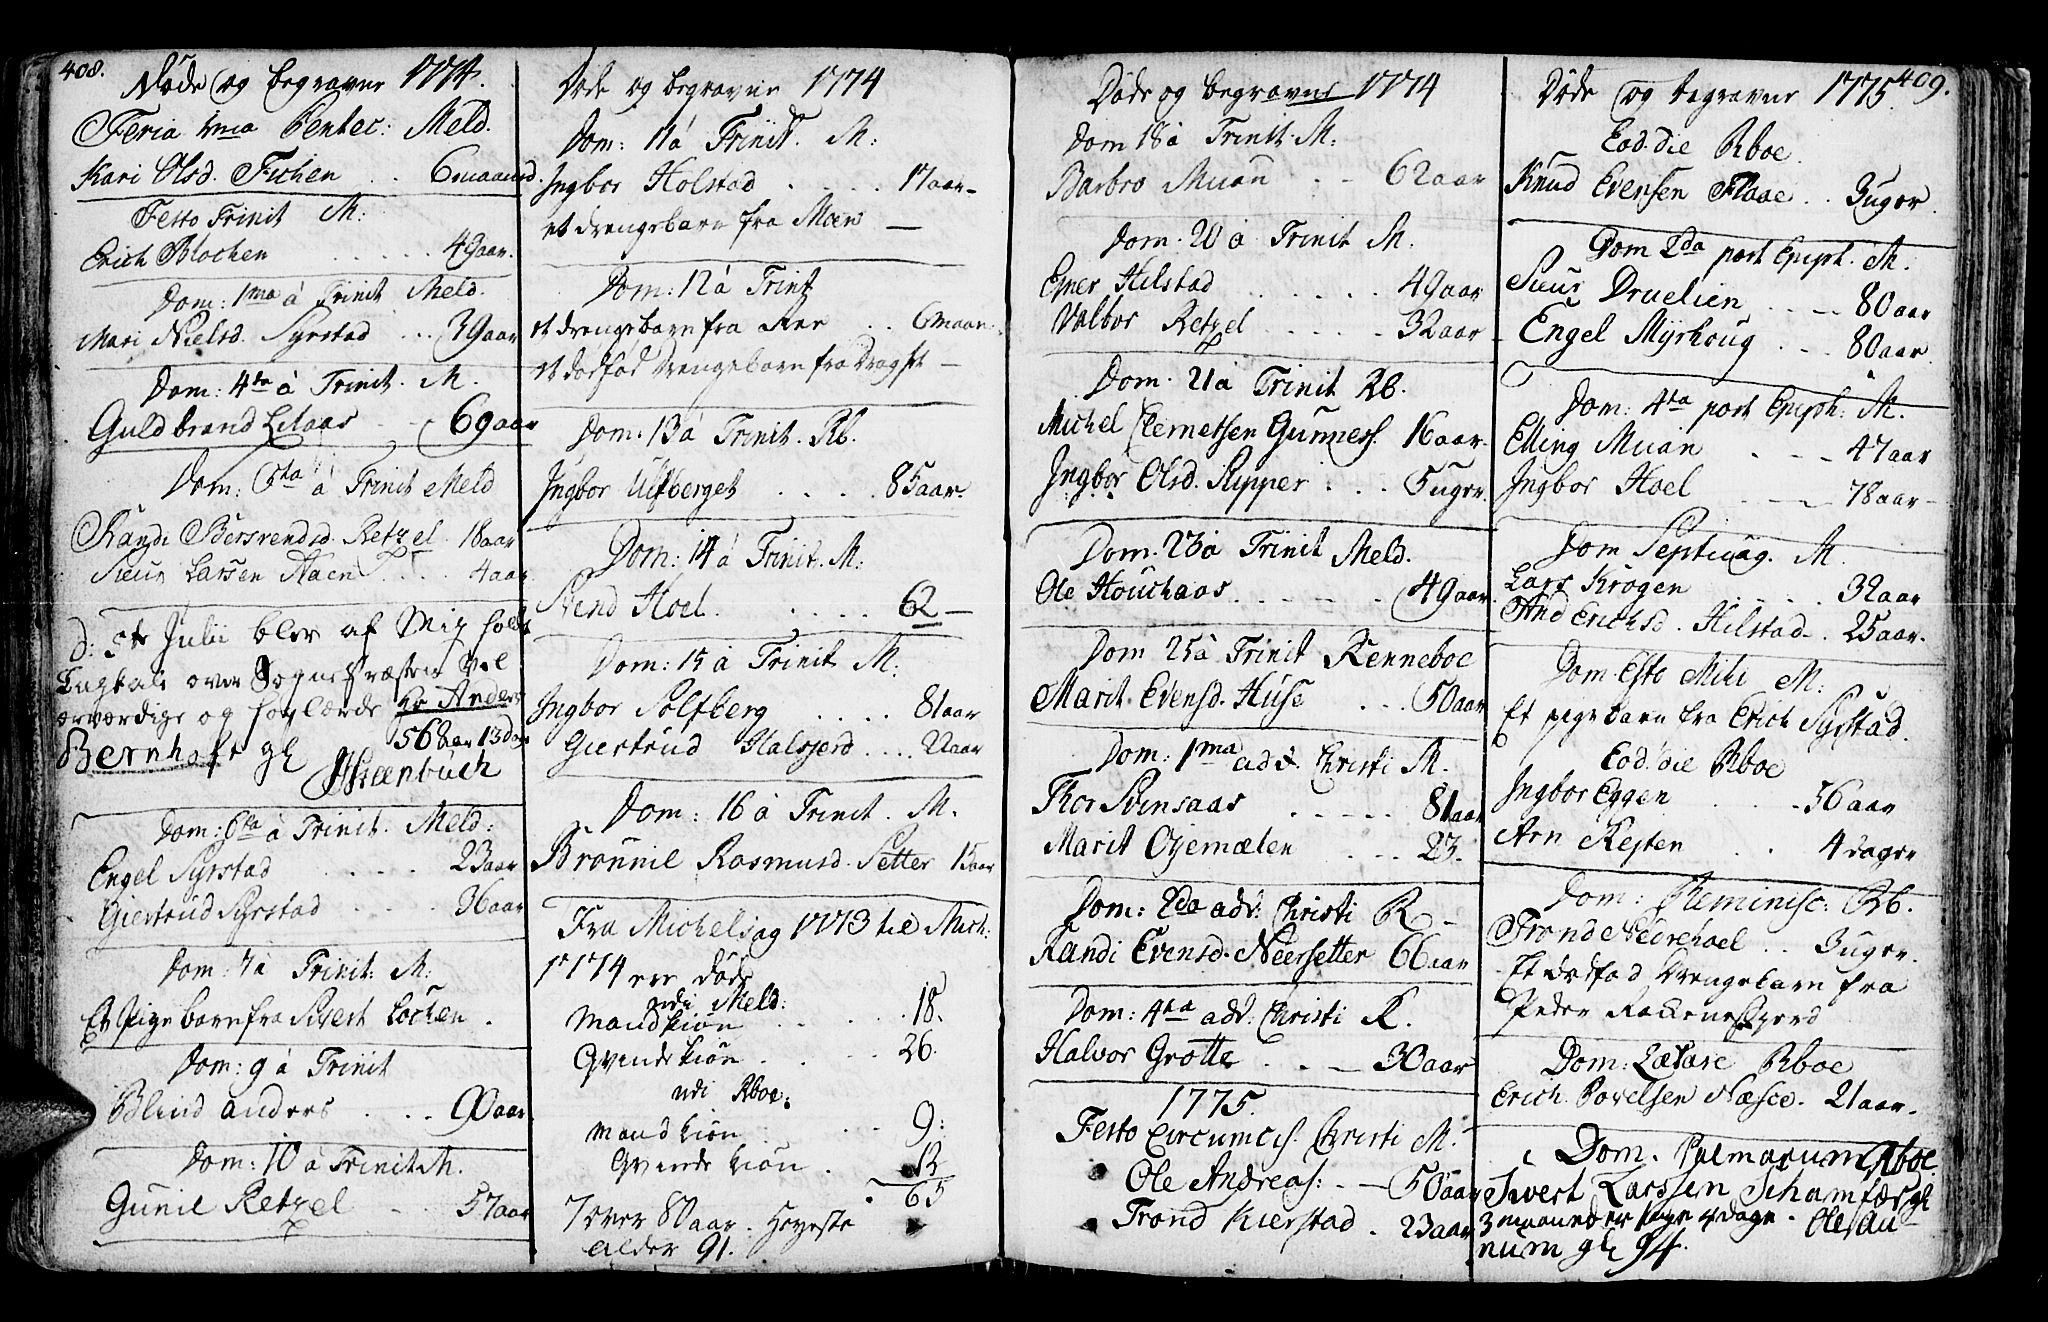 SAT, Ministerialprotokoller, klokkerbøker og fødselsregistre - Sør-Trøndelag, 672/L0851: Ministerialbok nr. 672A04, 1751-1775, s. 408-409